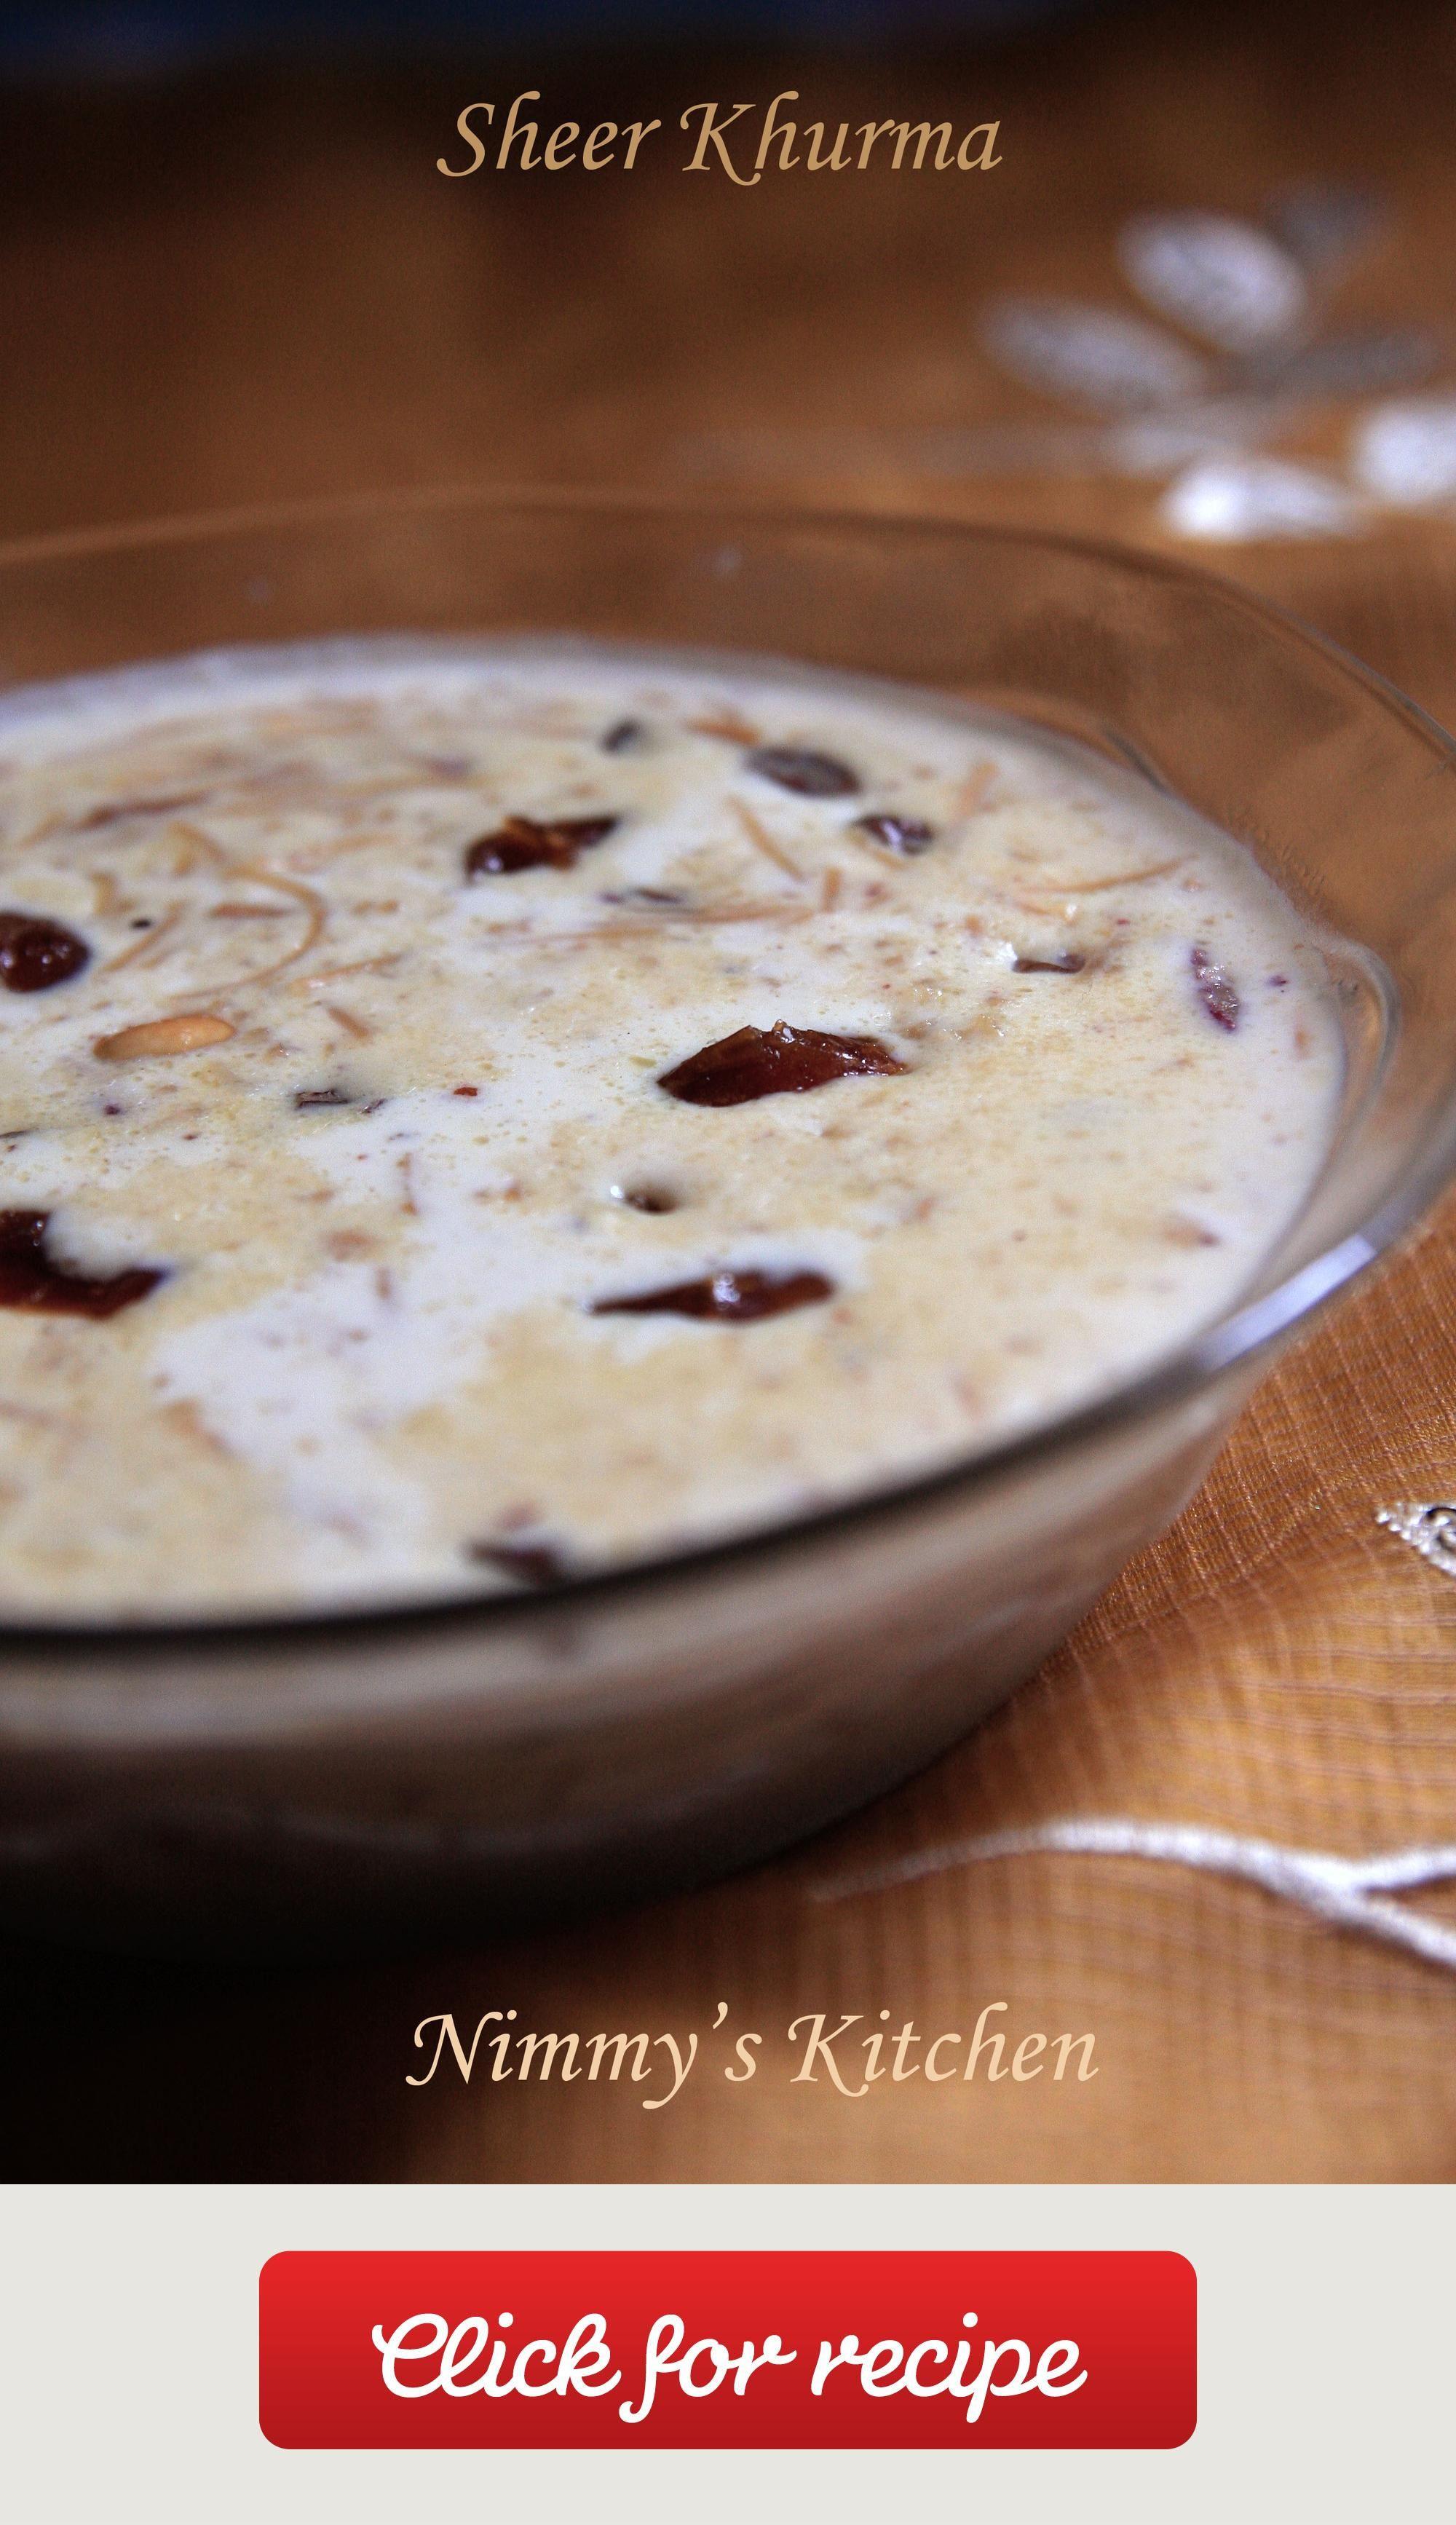 Good India Eid Al-Fitr Food - 58f2c9141c4d4604cf51b65a9193833b  Graphic_389466 .jpg